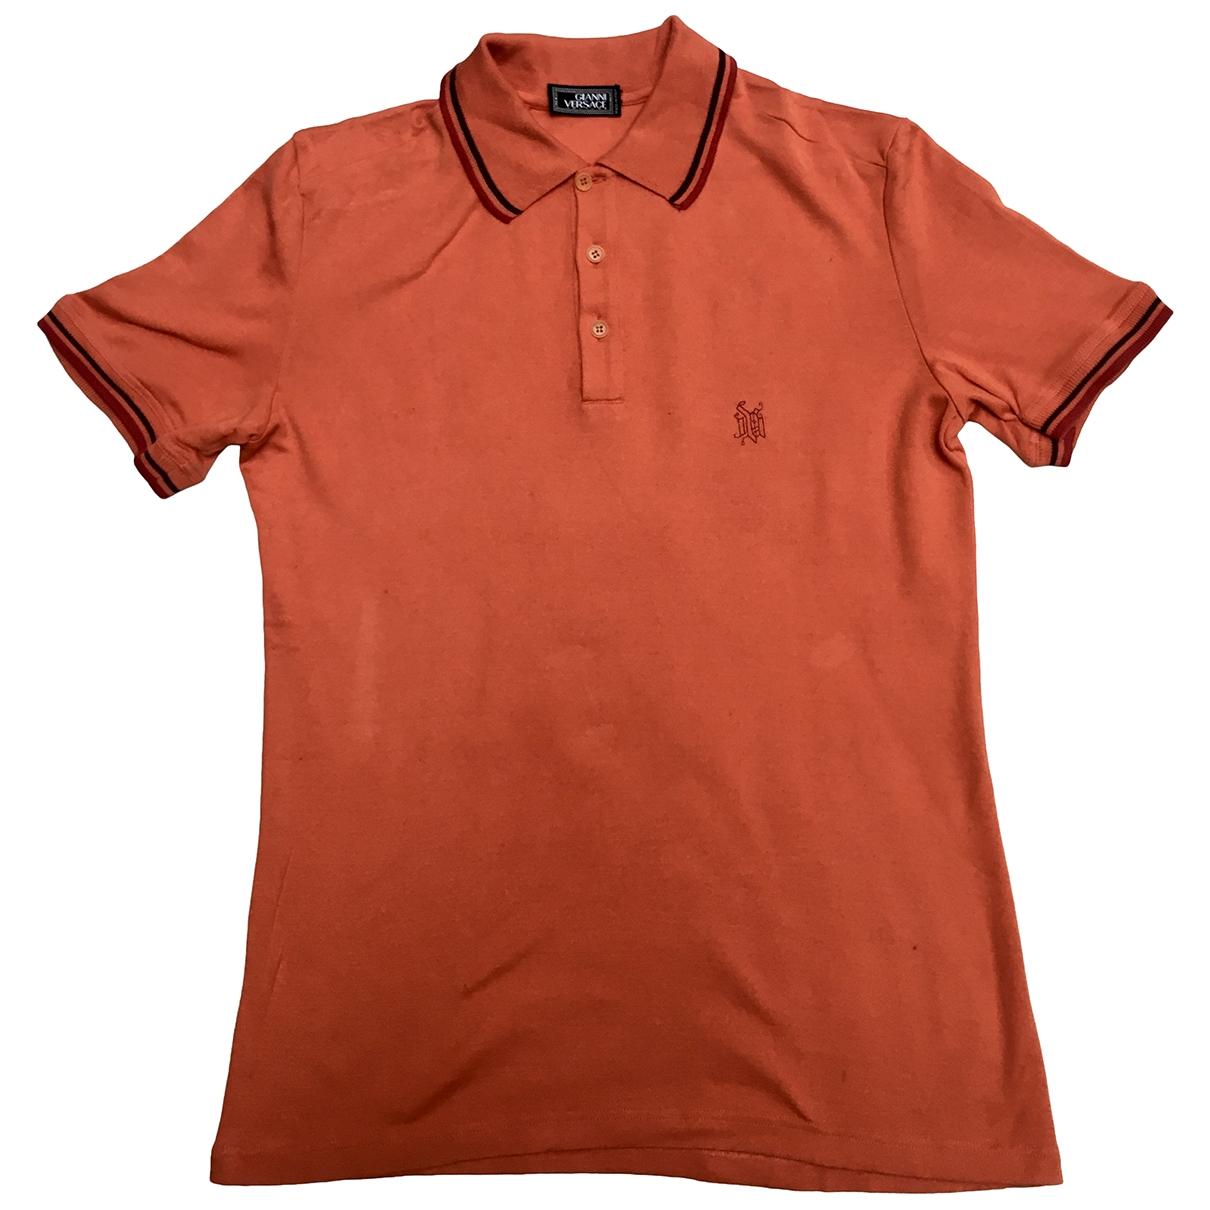 Gianni Versace - Polos   pour homme en coton - orange